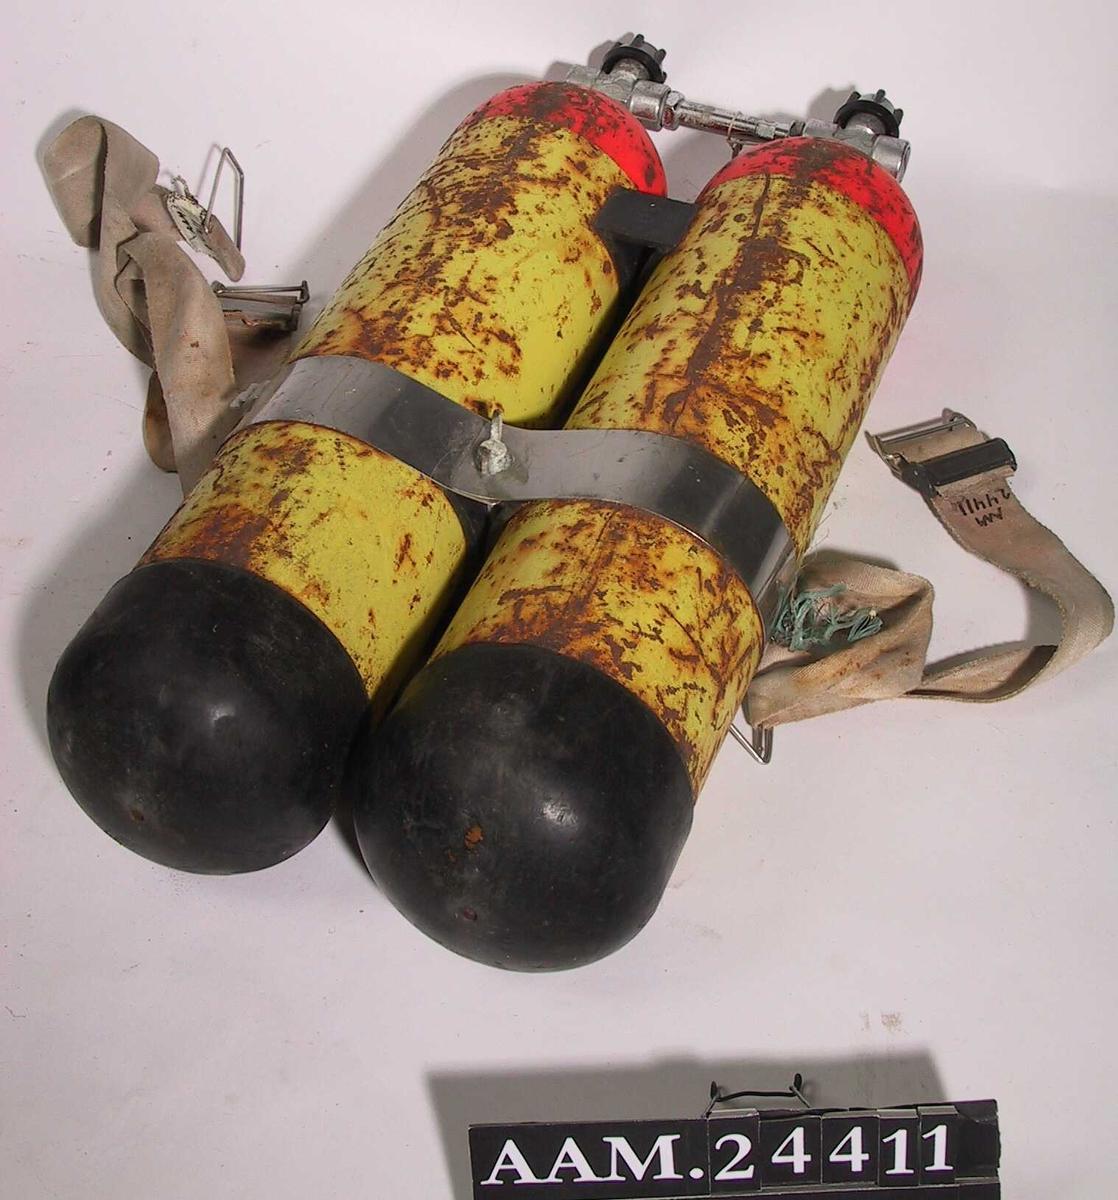 Dykkerflaske,  2 x 7 liter.  Jern, malt rød og gul, forkrommete kraner. Lerretsrem.  To gule   sylindre, sammenkoblet i den rødmalte øvre  ende med forkrommet rør og to kraner eller ventiler.  Over midten forkrommet bånd, skrudd sammen mellom  sylindrene, rundt bunnen er sort gummibelegg.  Tilstand: malingslitte, rustne.